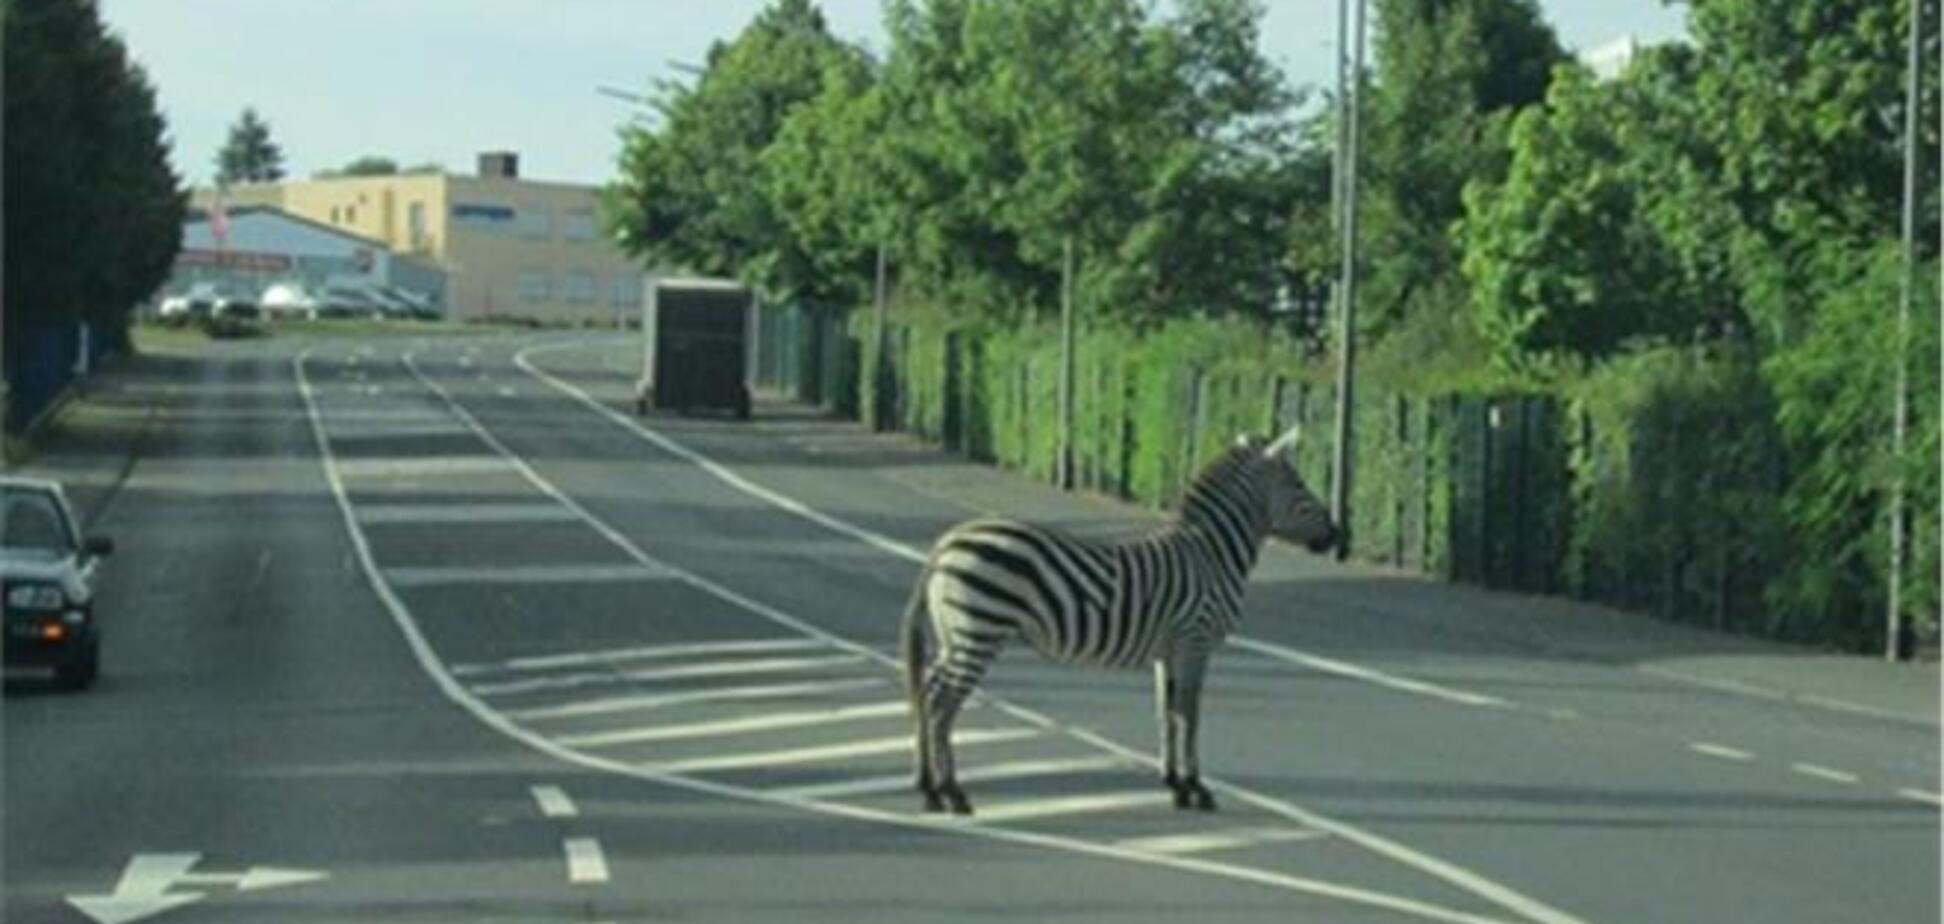 В Германии сбежавшую зебру нашли на полосатом островке безопасности